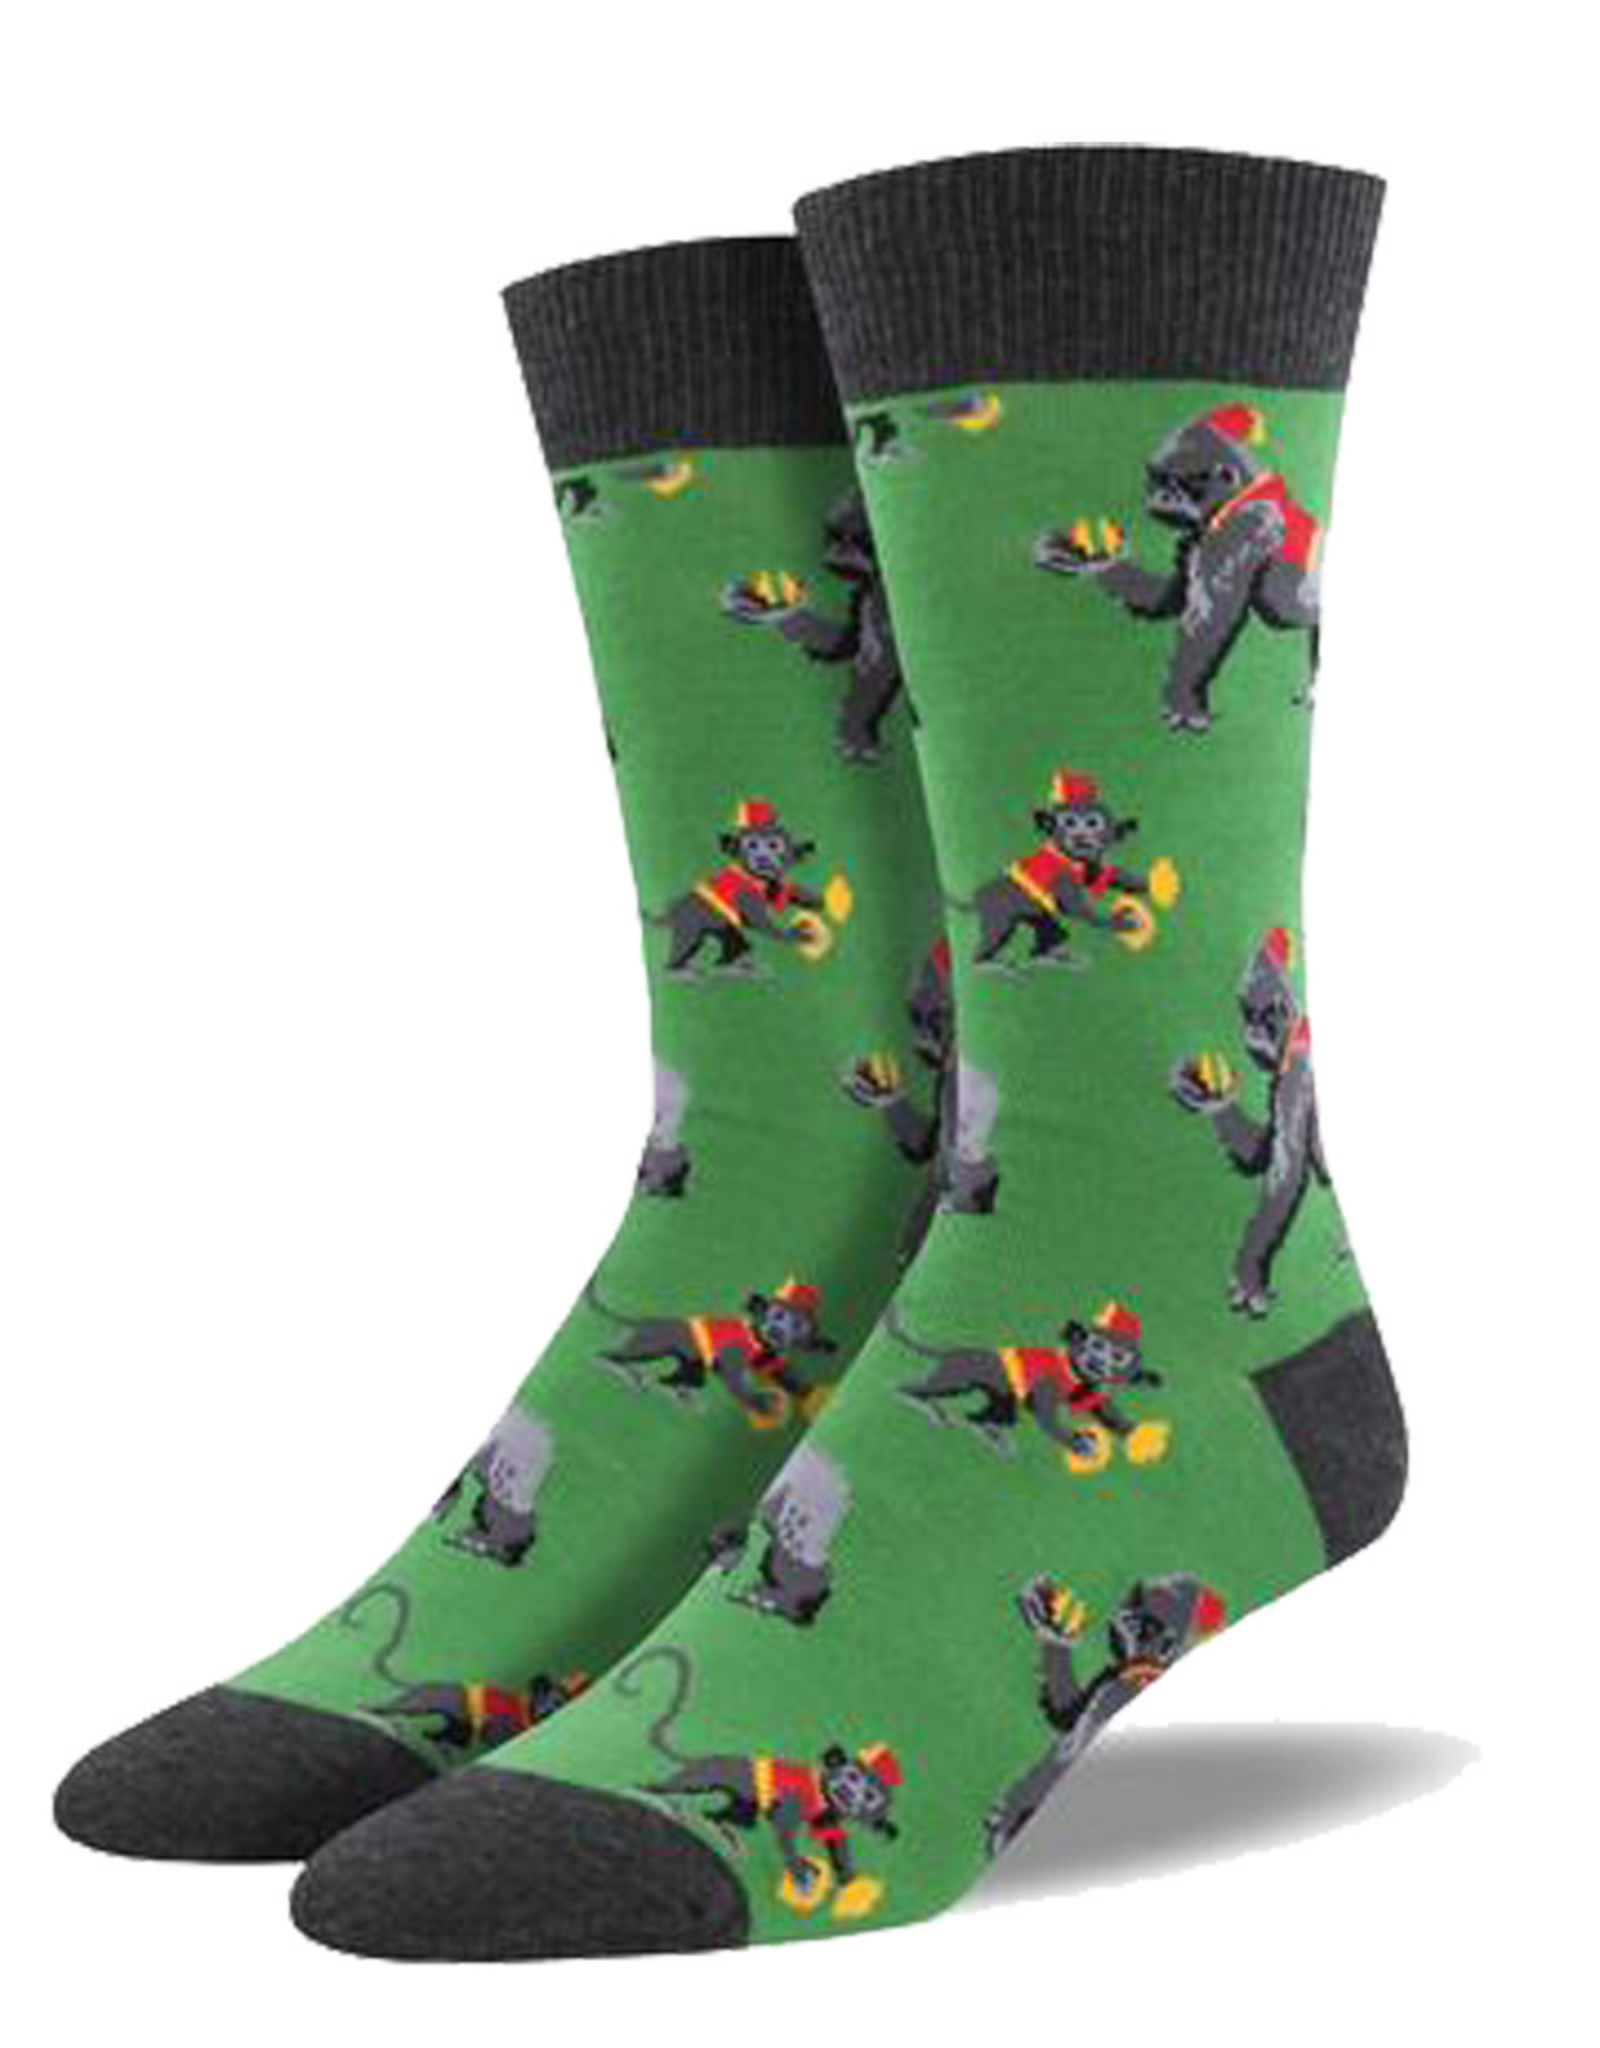 Monkey Band ( SockSmith Socks )